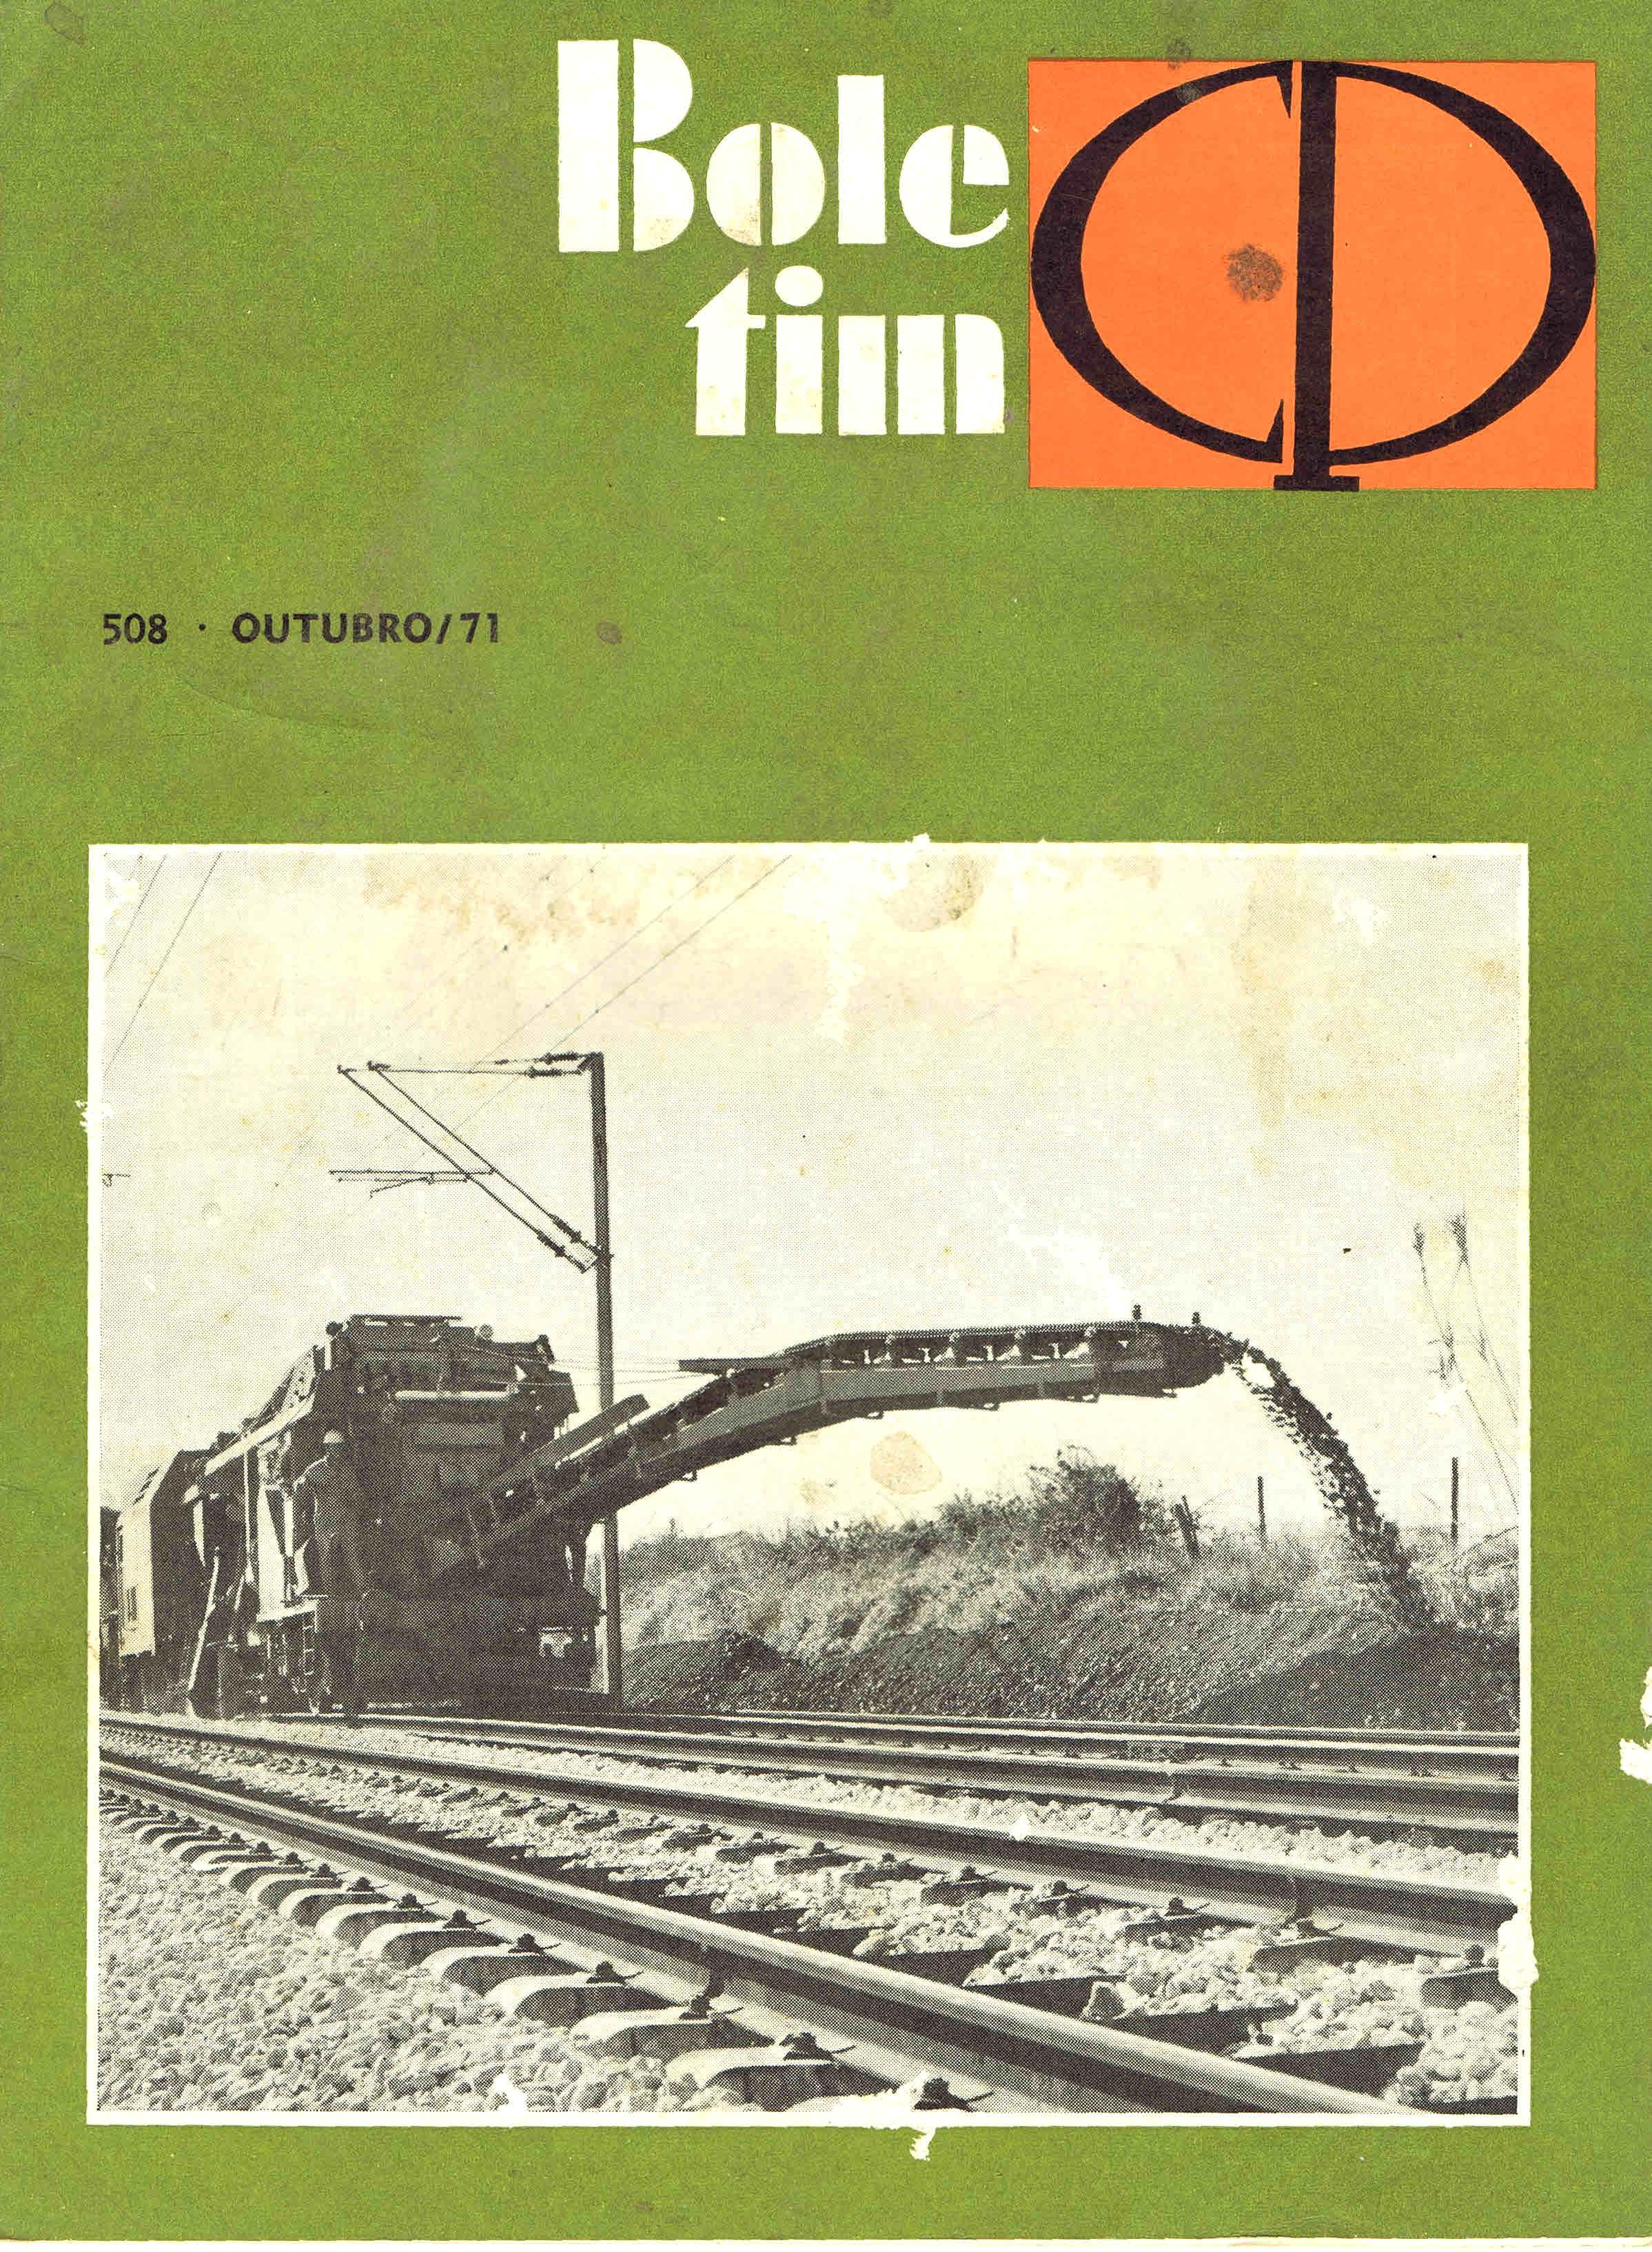 boletim da cp nº 508 outubro 1971